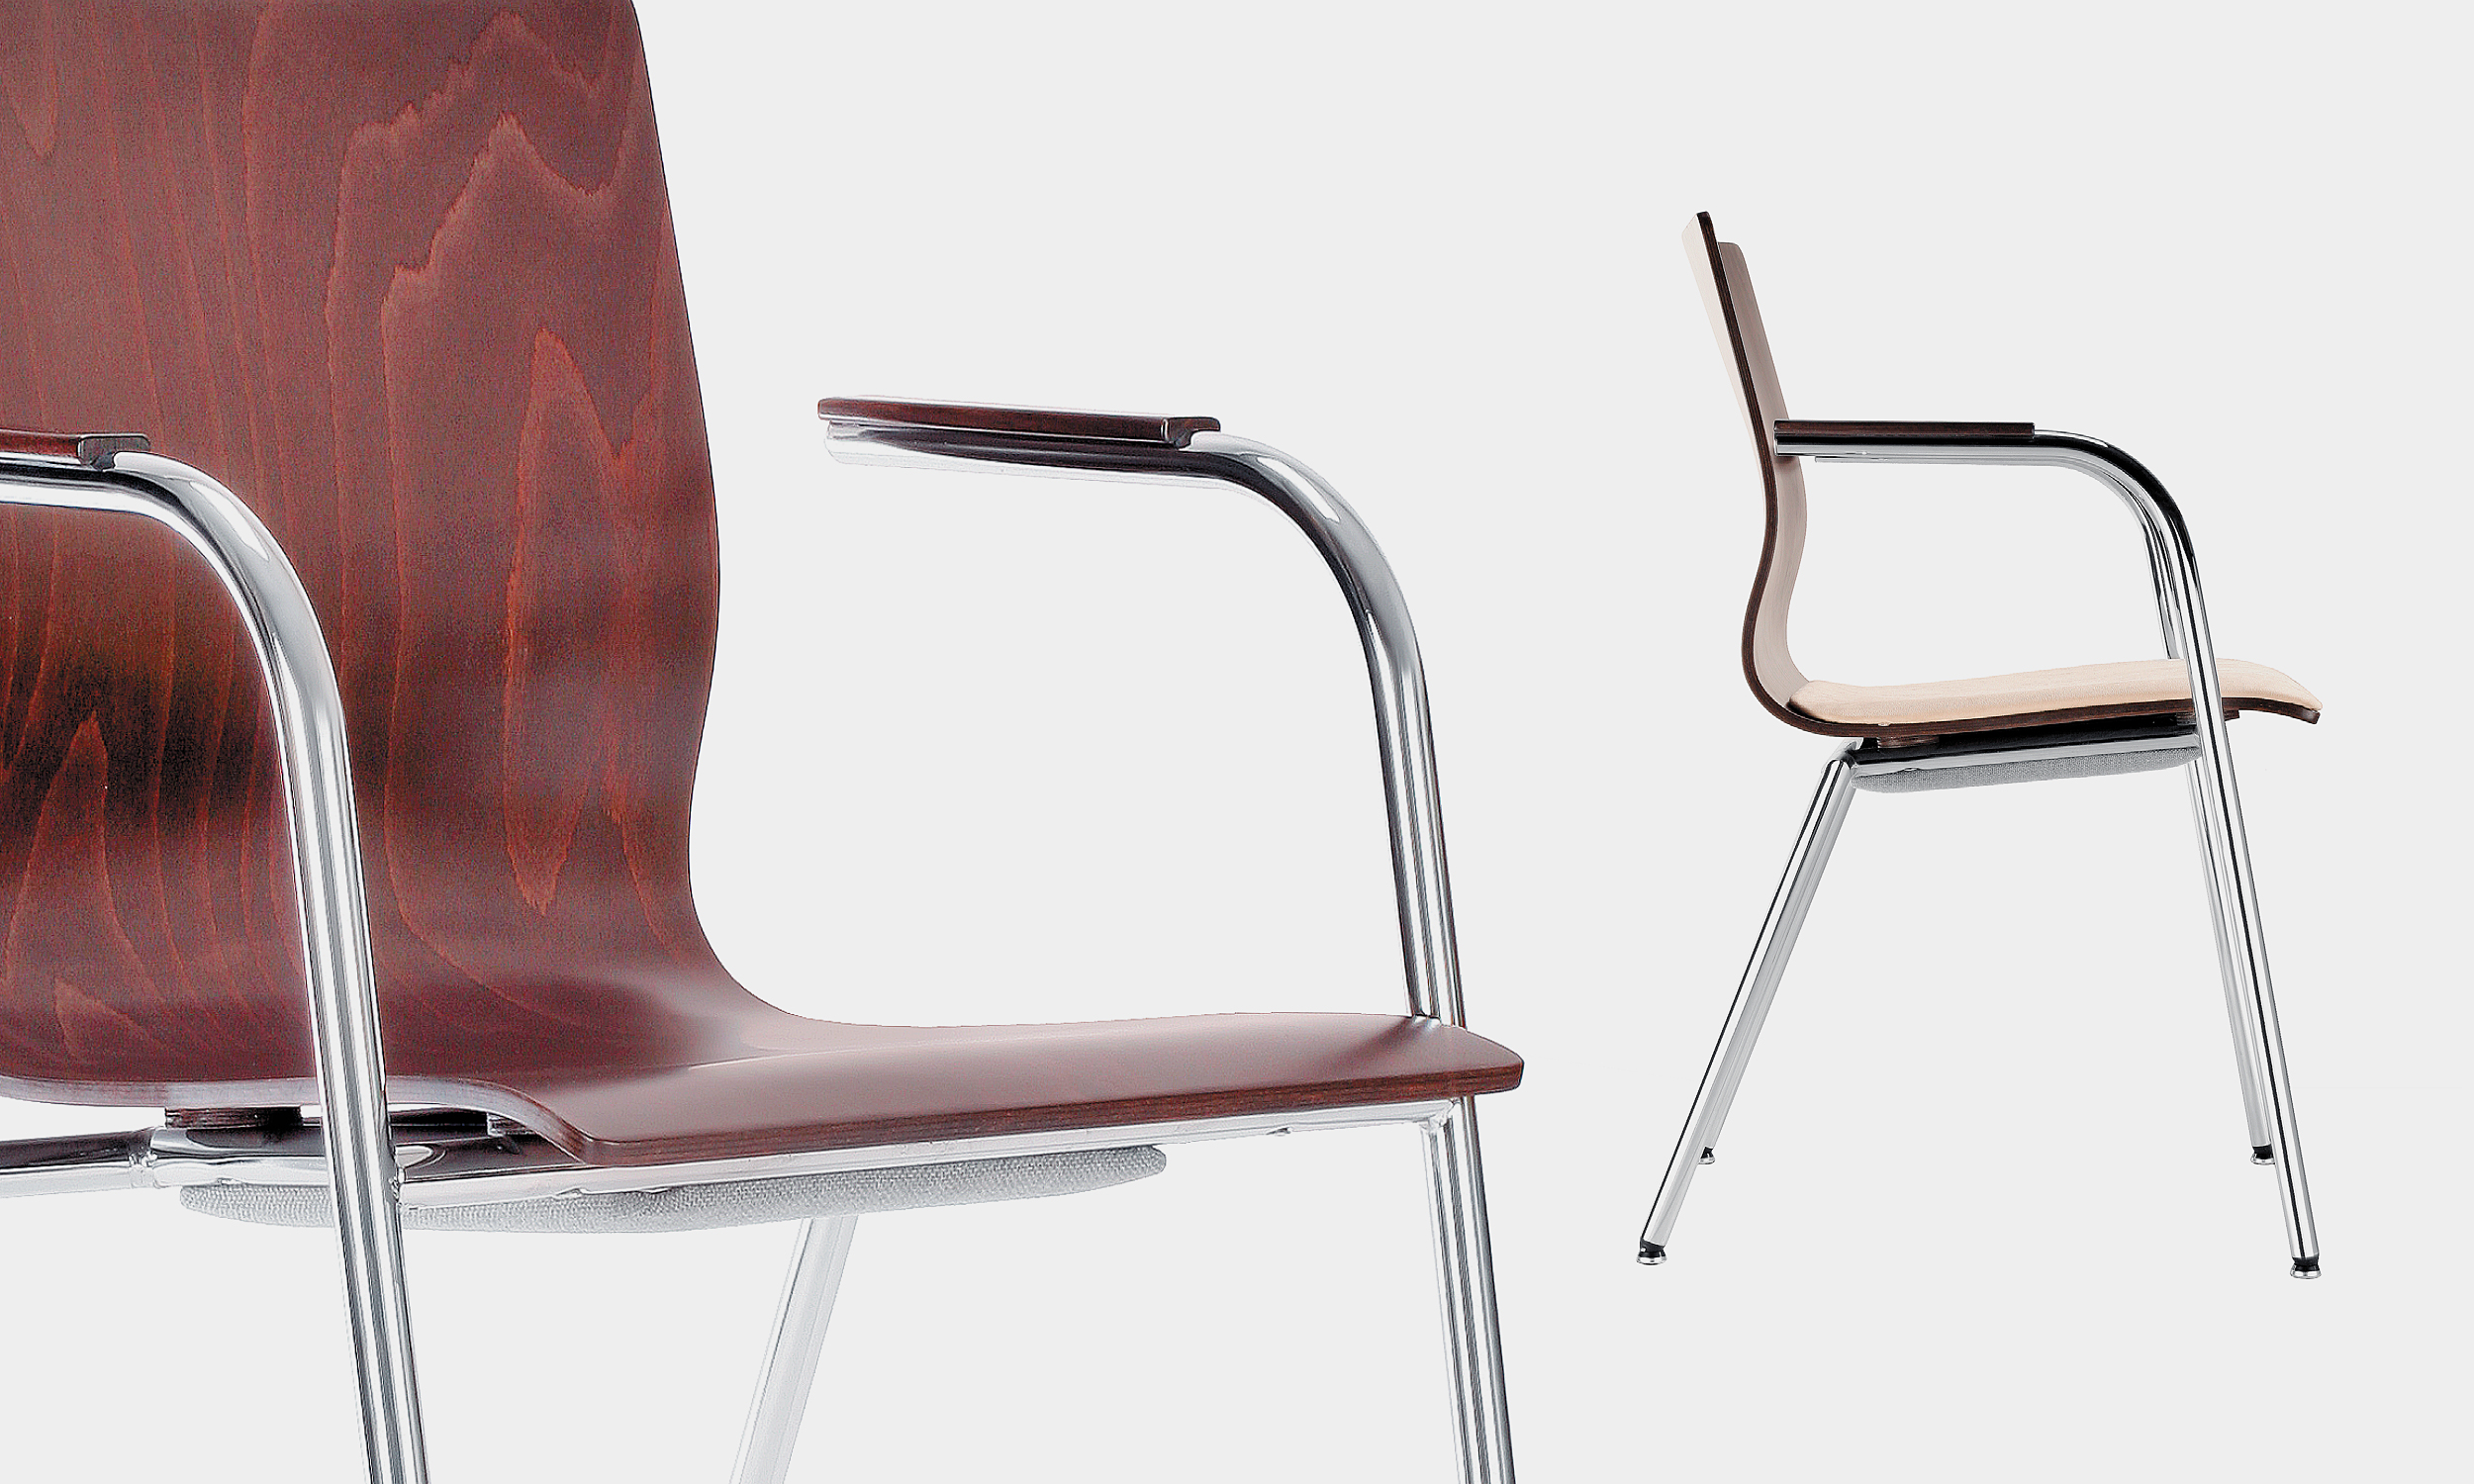 krzesło_Espacio02